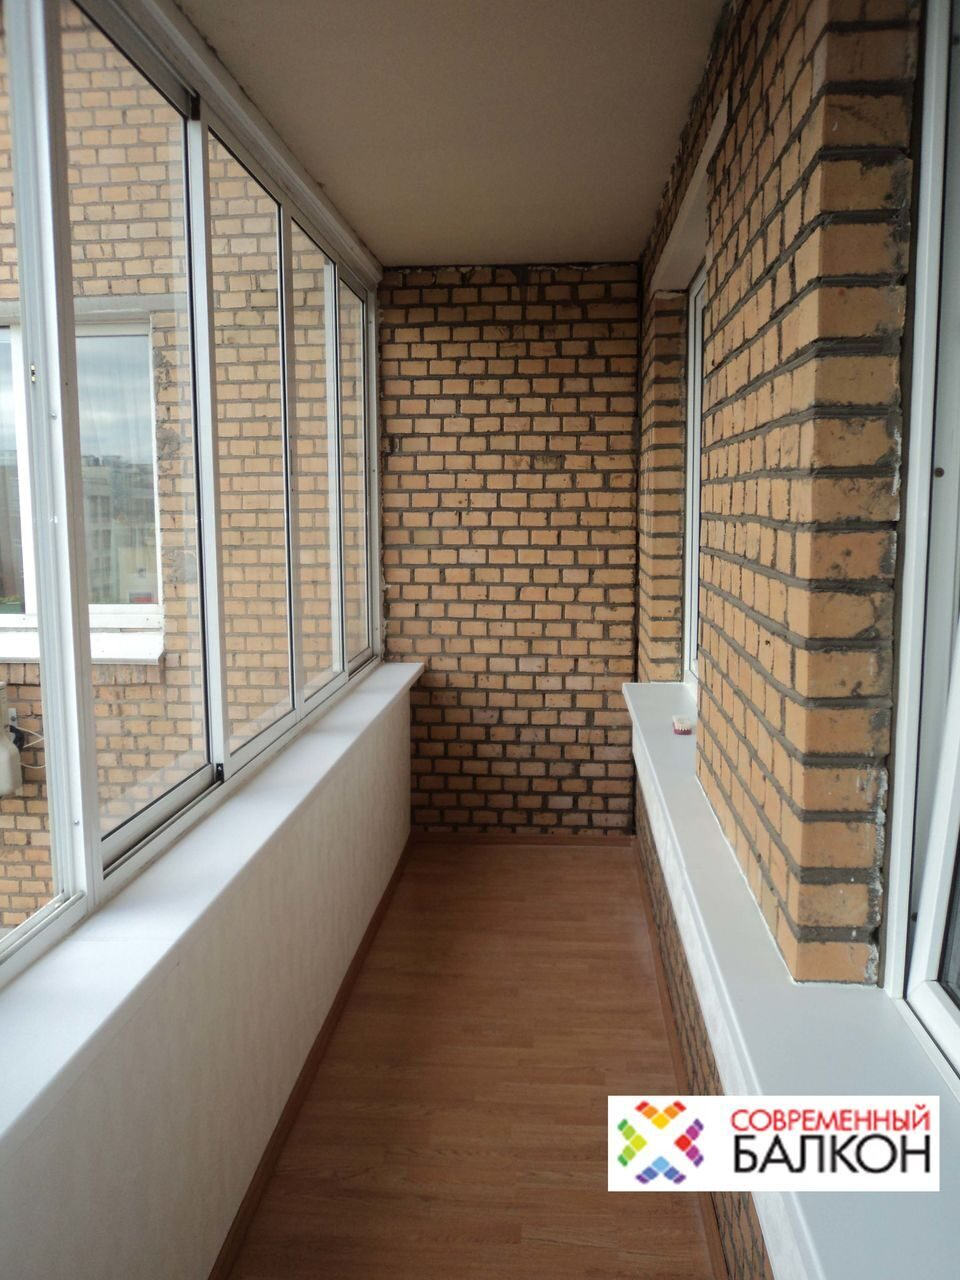 Алюминий остекление фотогалерея по отделке балконов, утеплен.